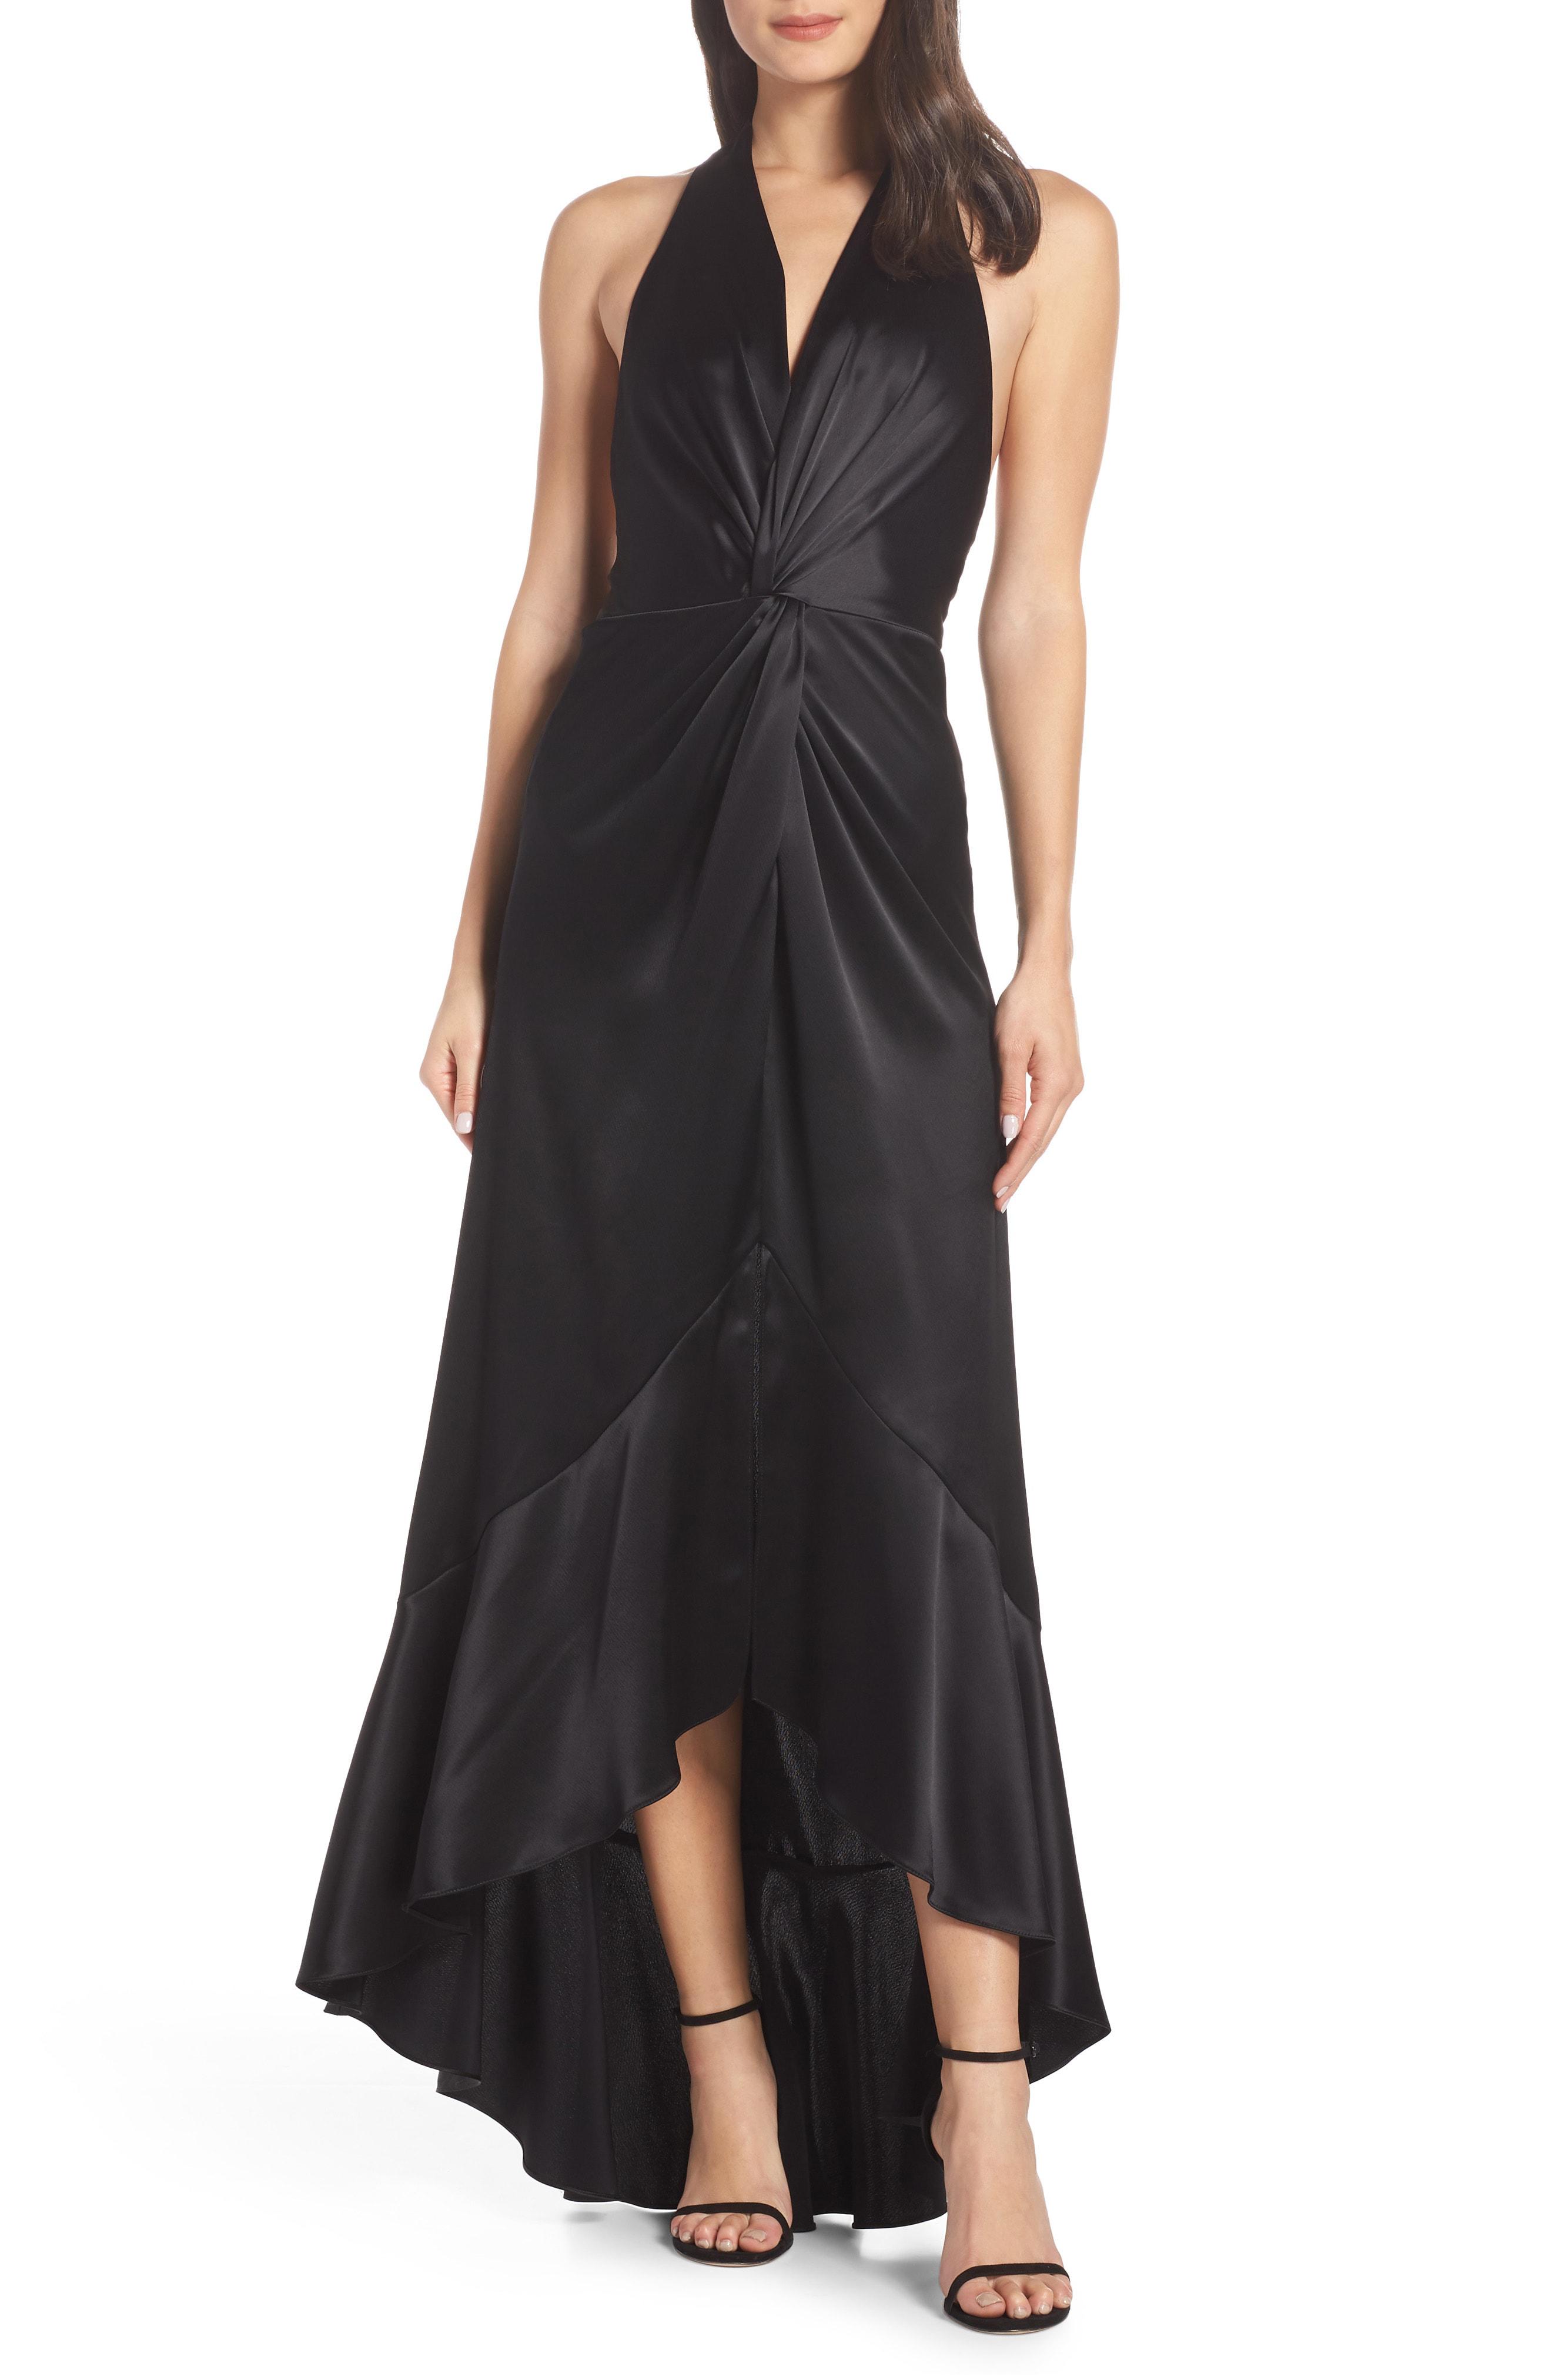 0b44188ed177 Jill Jill Stuart High/Low Twist Satin Evening Dress In Black | ModeSens